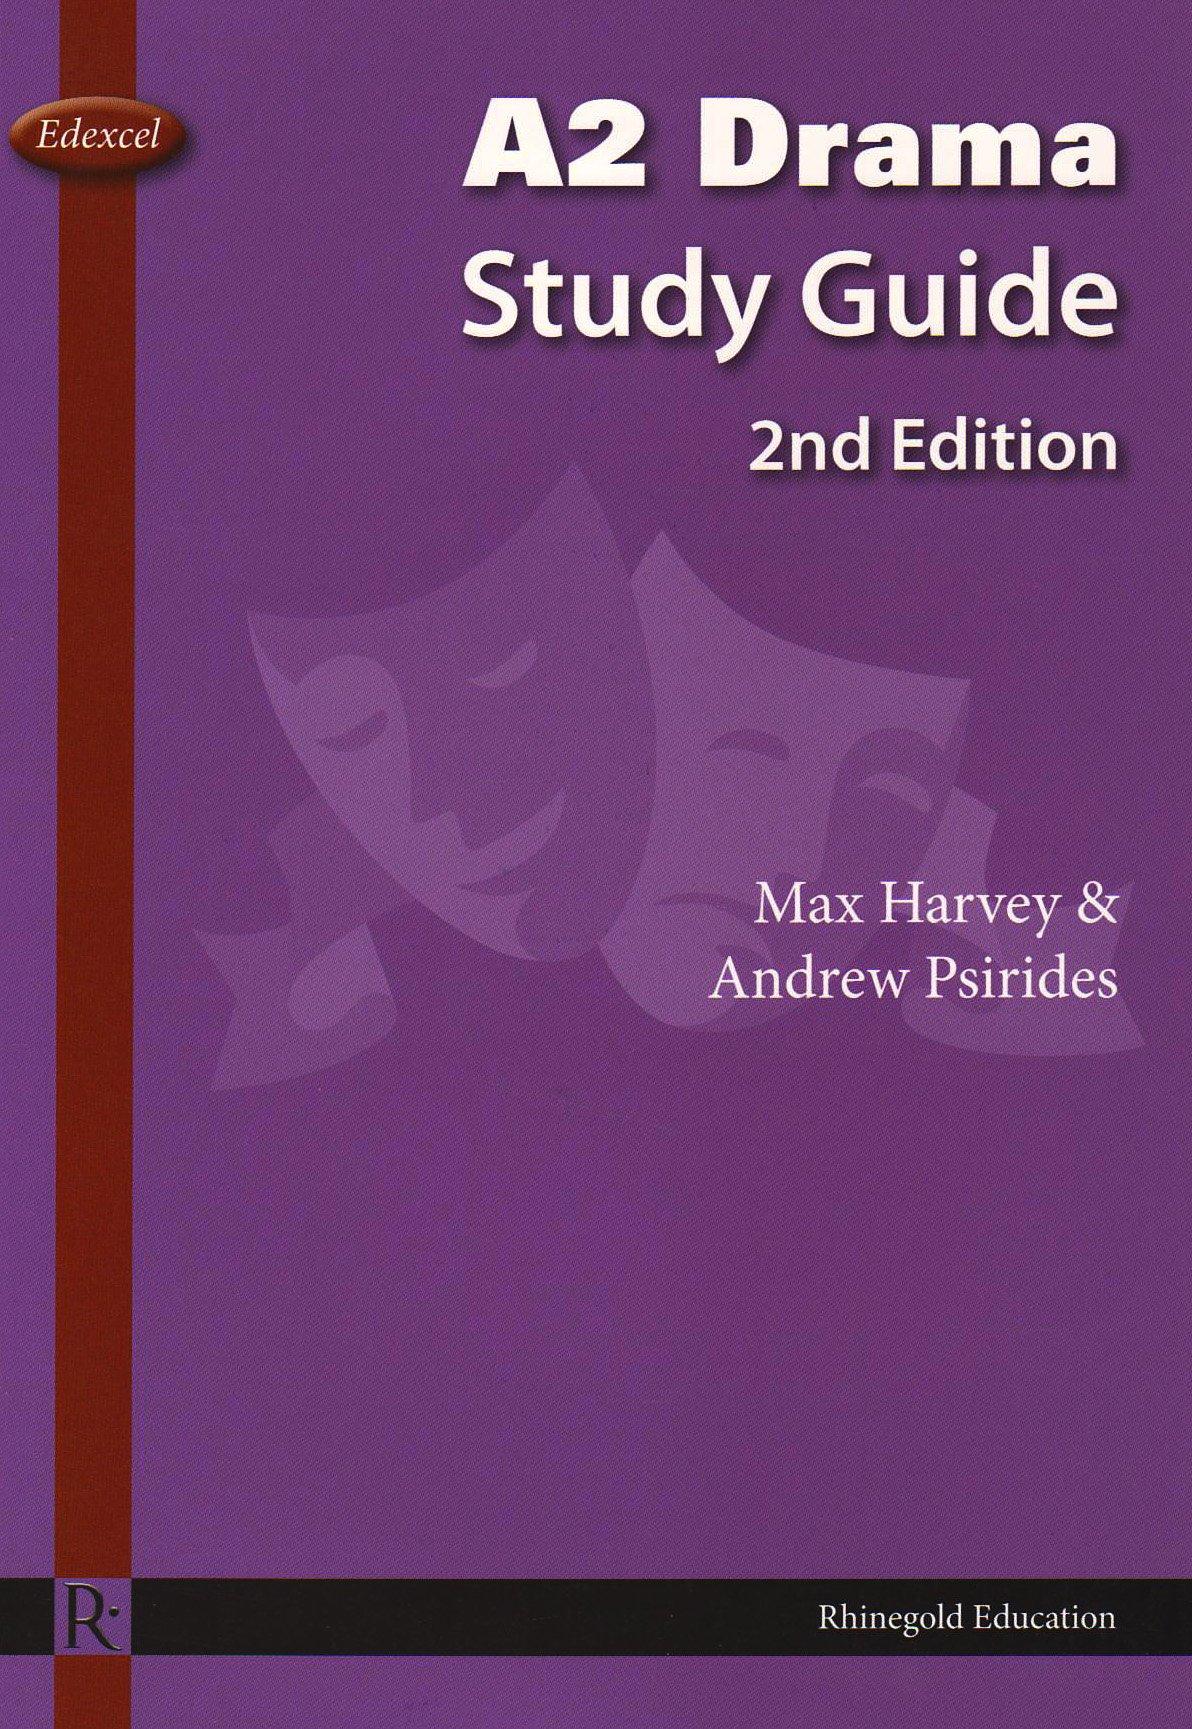 Edexcel coursework